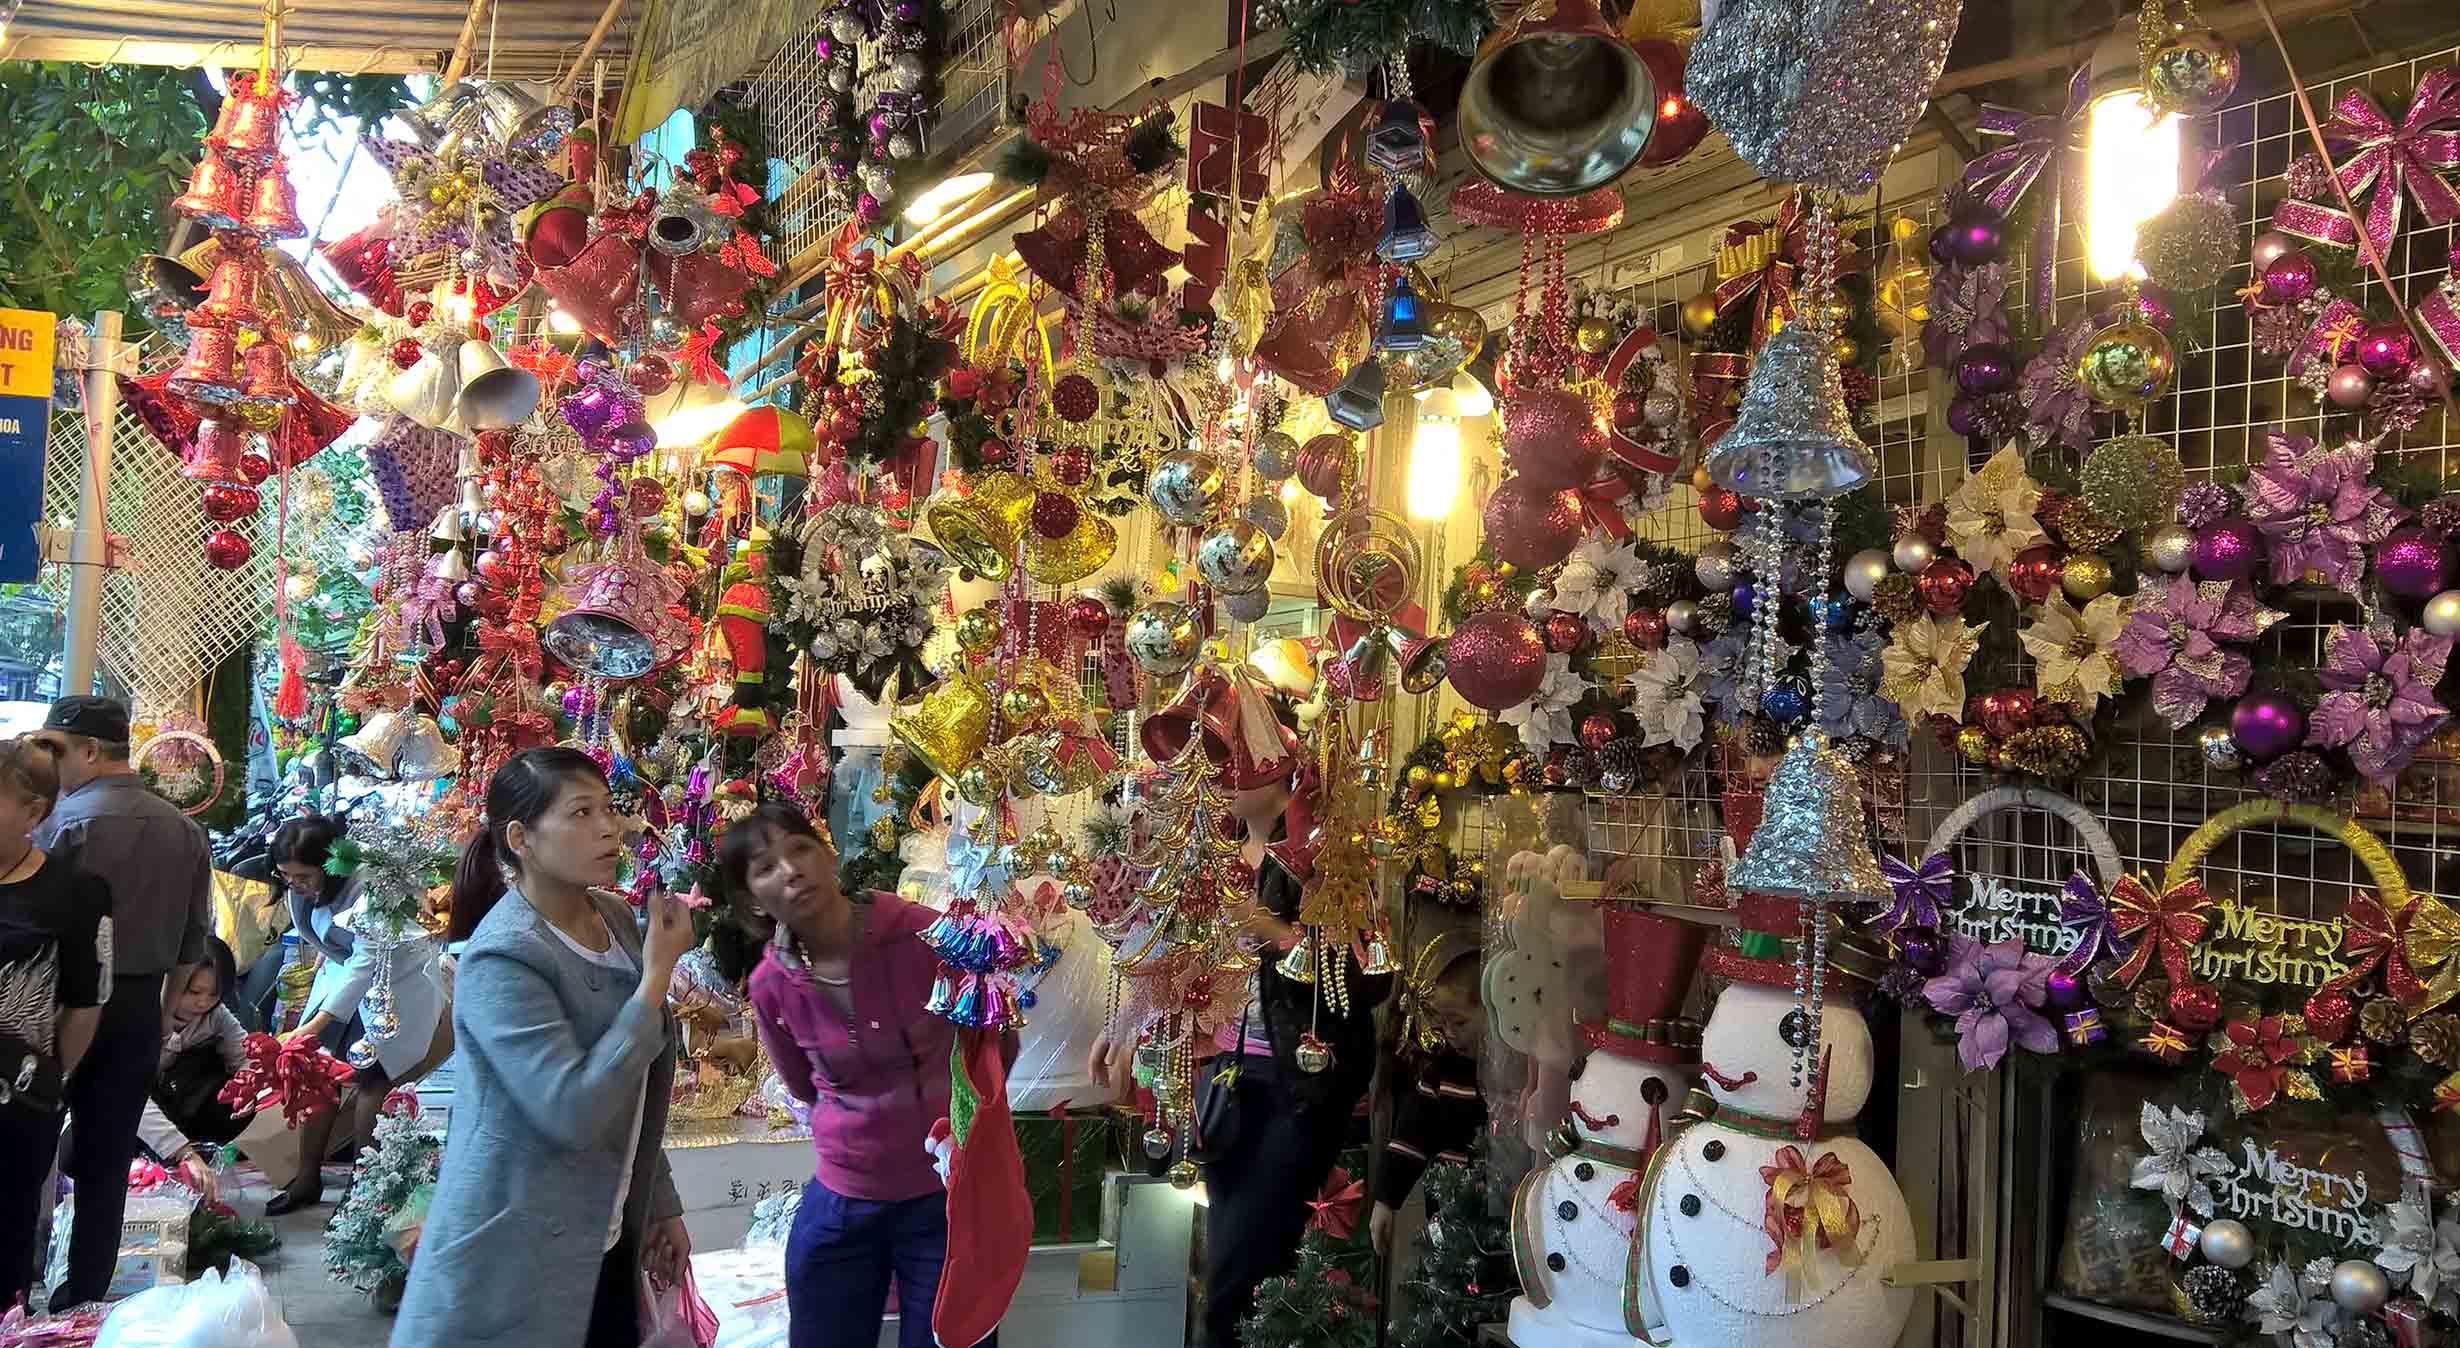 Ý tưởng bán đồ trang trí dịp ngày lễ thu hàng Chục triệu đồng